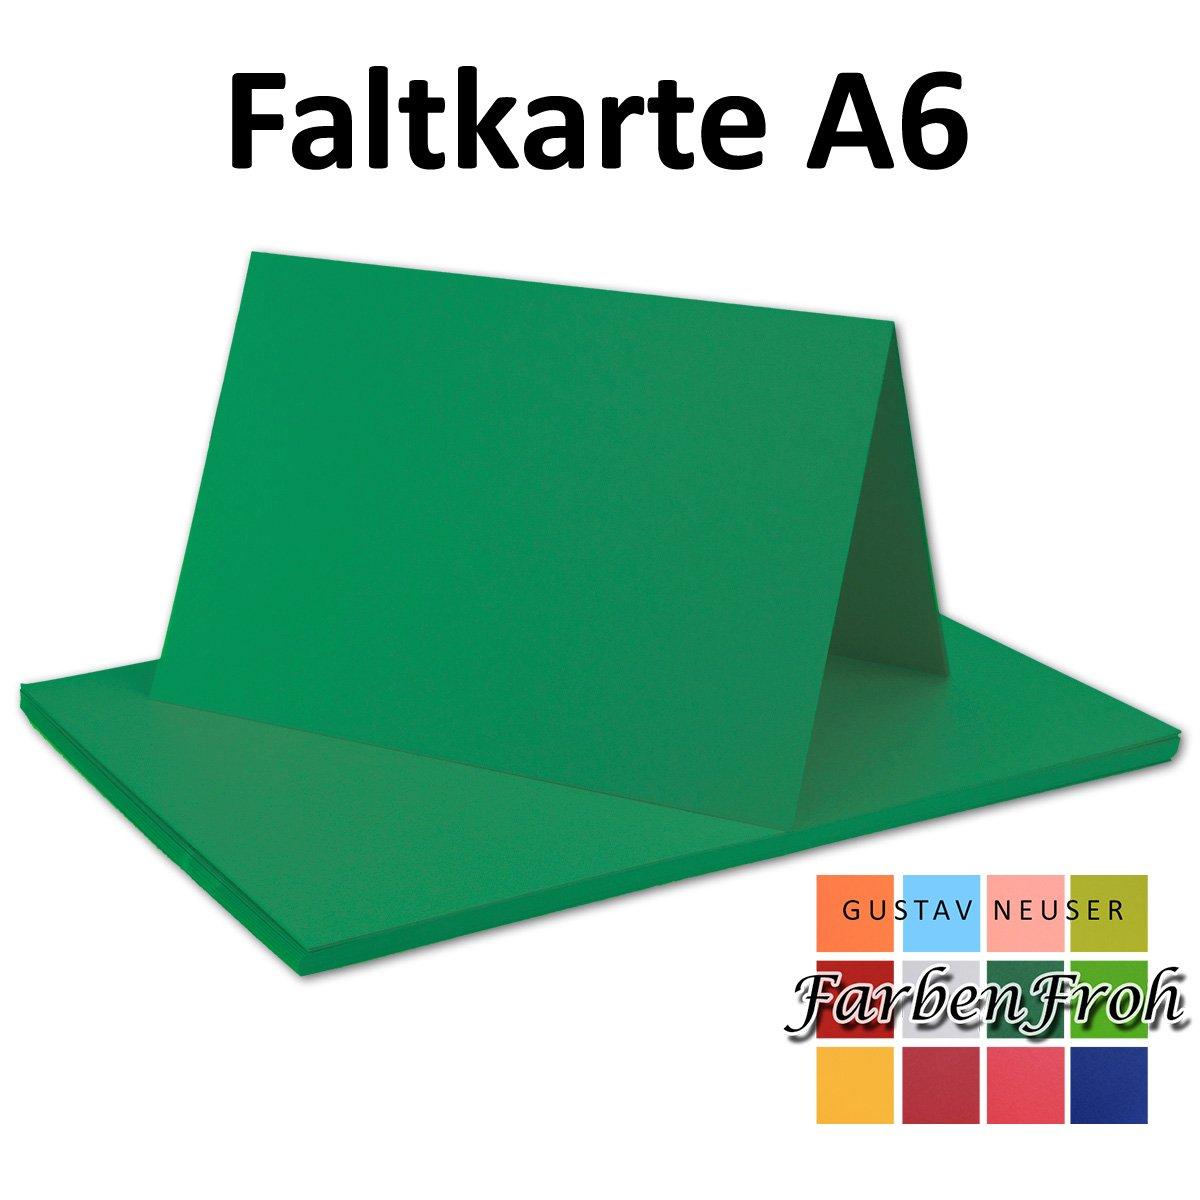 250x Falt-Karten DIN DIN DIN A6 Blanko Doppel-Karten in Hochweiß Kristallweiß -10,5 x 14,8 cm   Premium Qualität   FarbenFroh® B079VLCWJH | New Product 2019  efd000